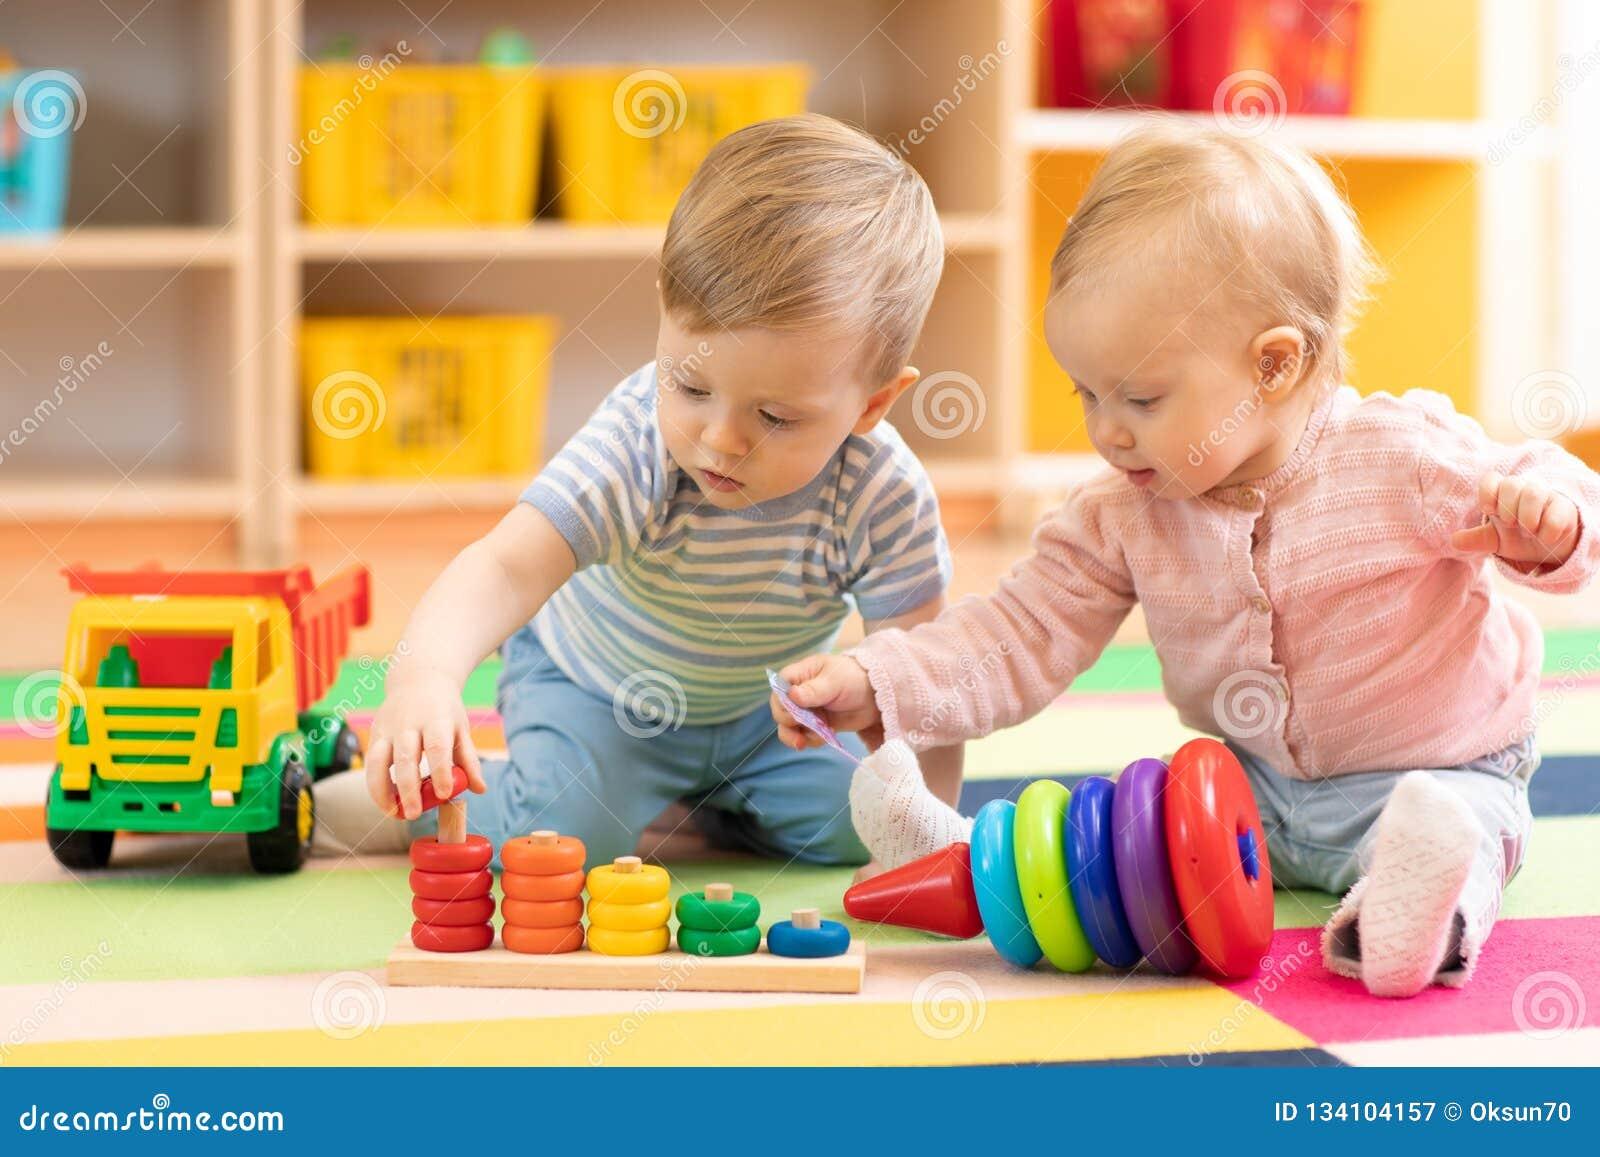 Menino pré-escolar e menina que jogam no assoalho com brinquedos educacionais Crianças em casa ou guarda